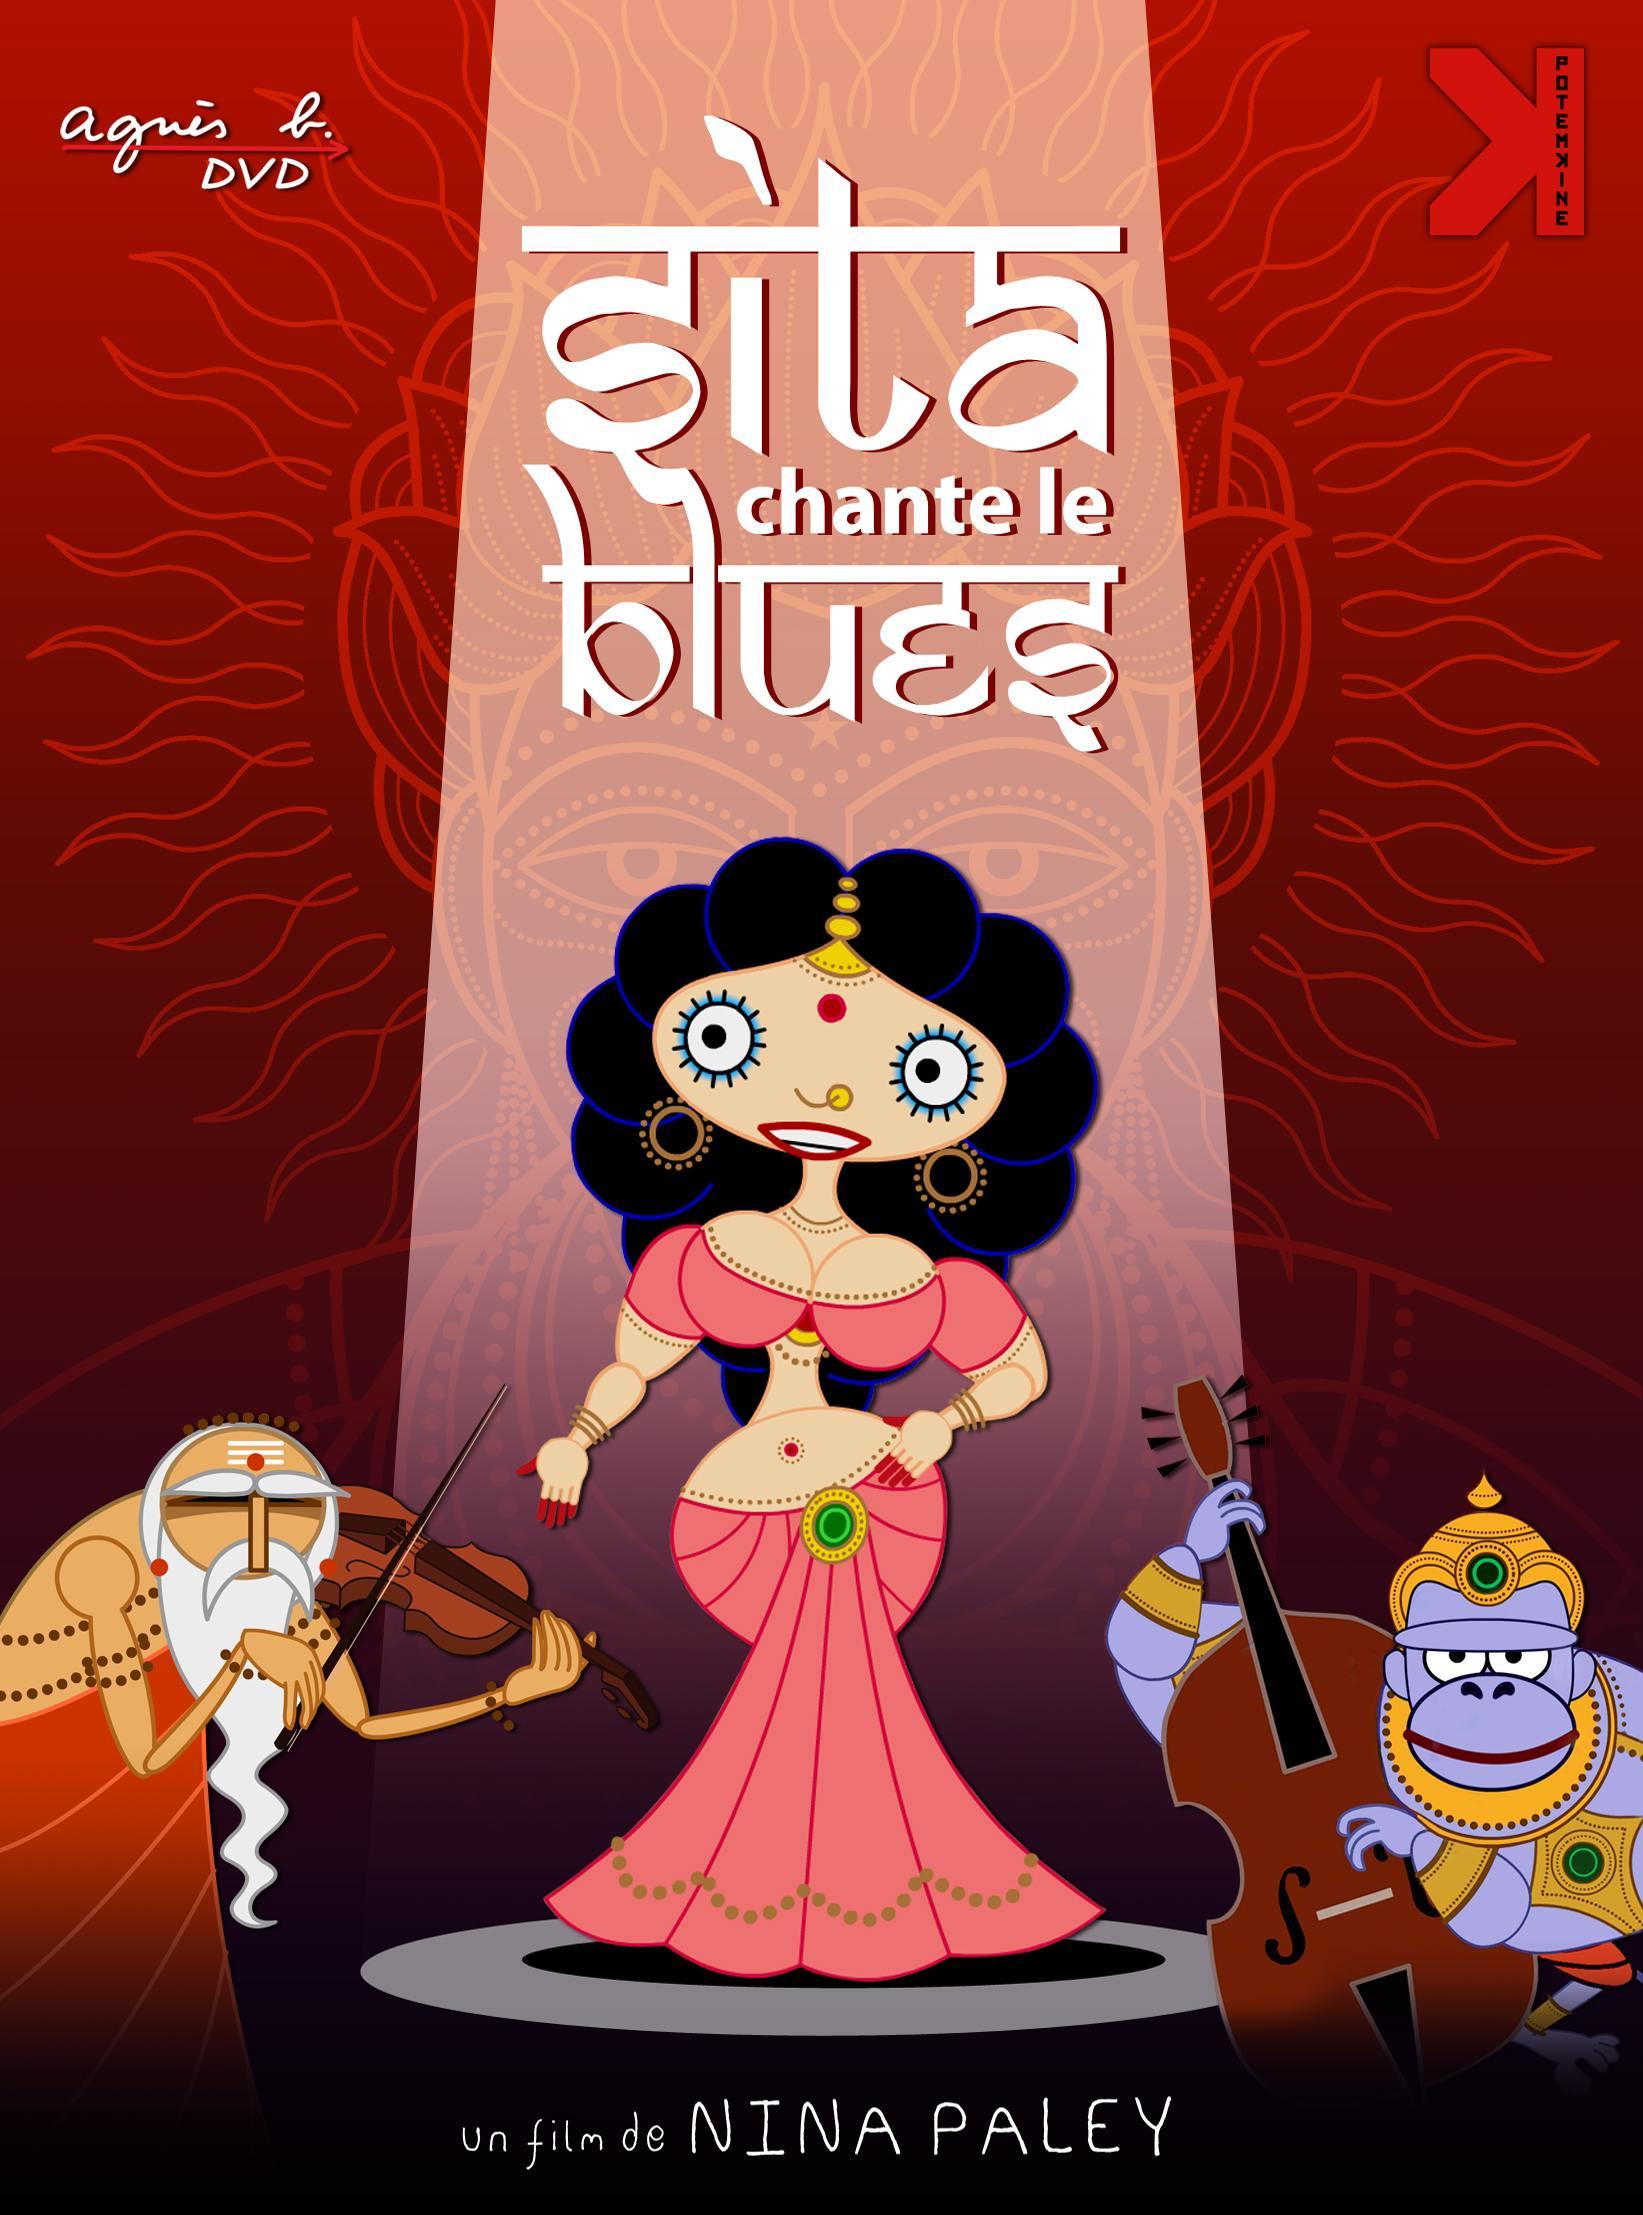 Sita chante le blues - dvd